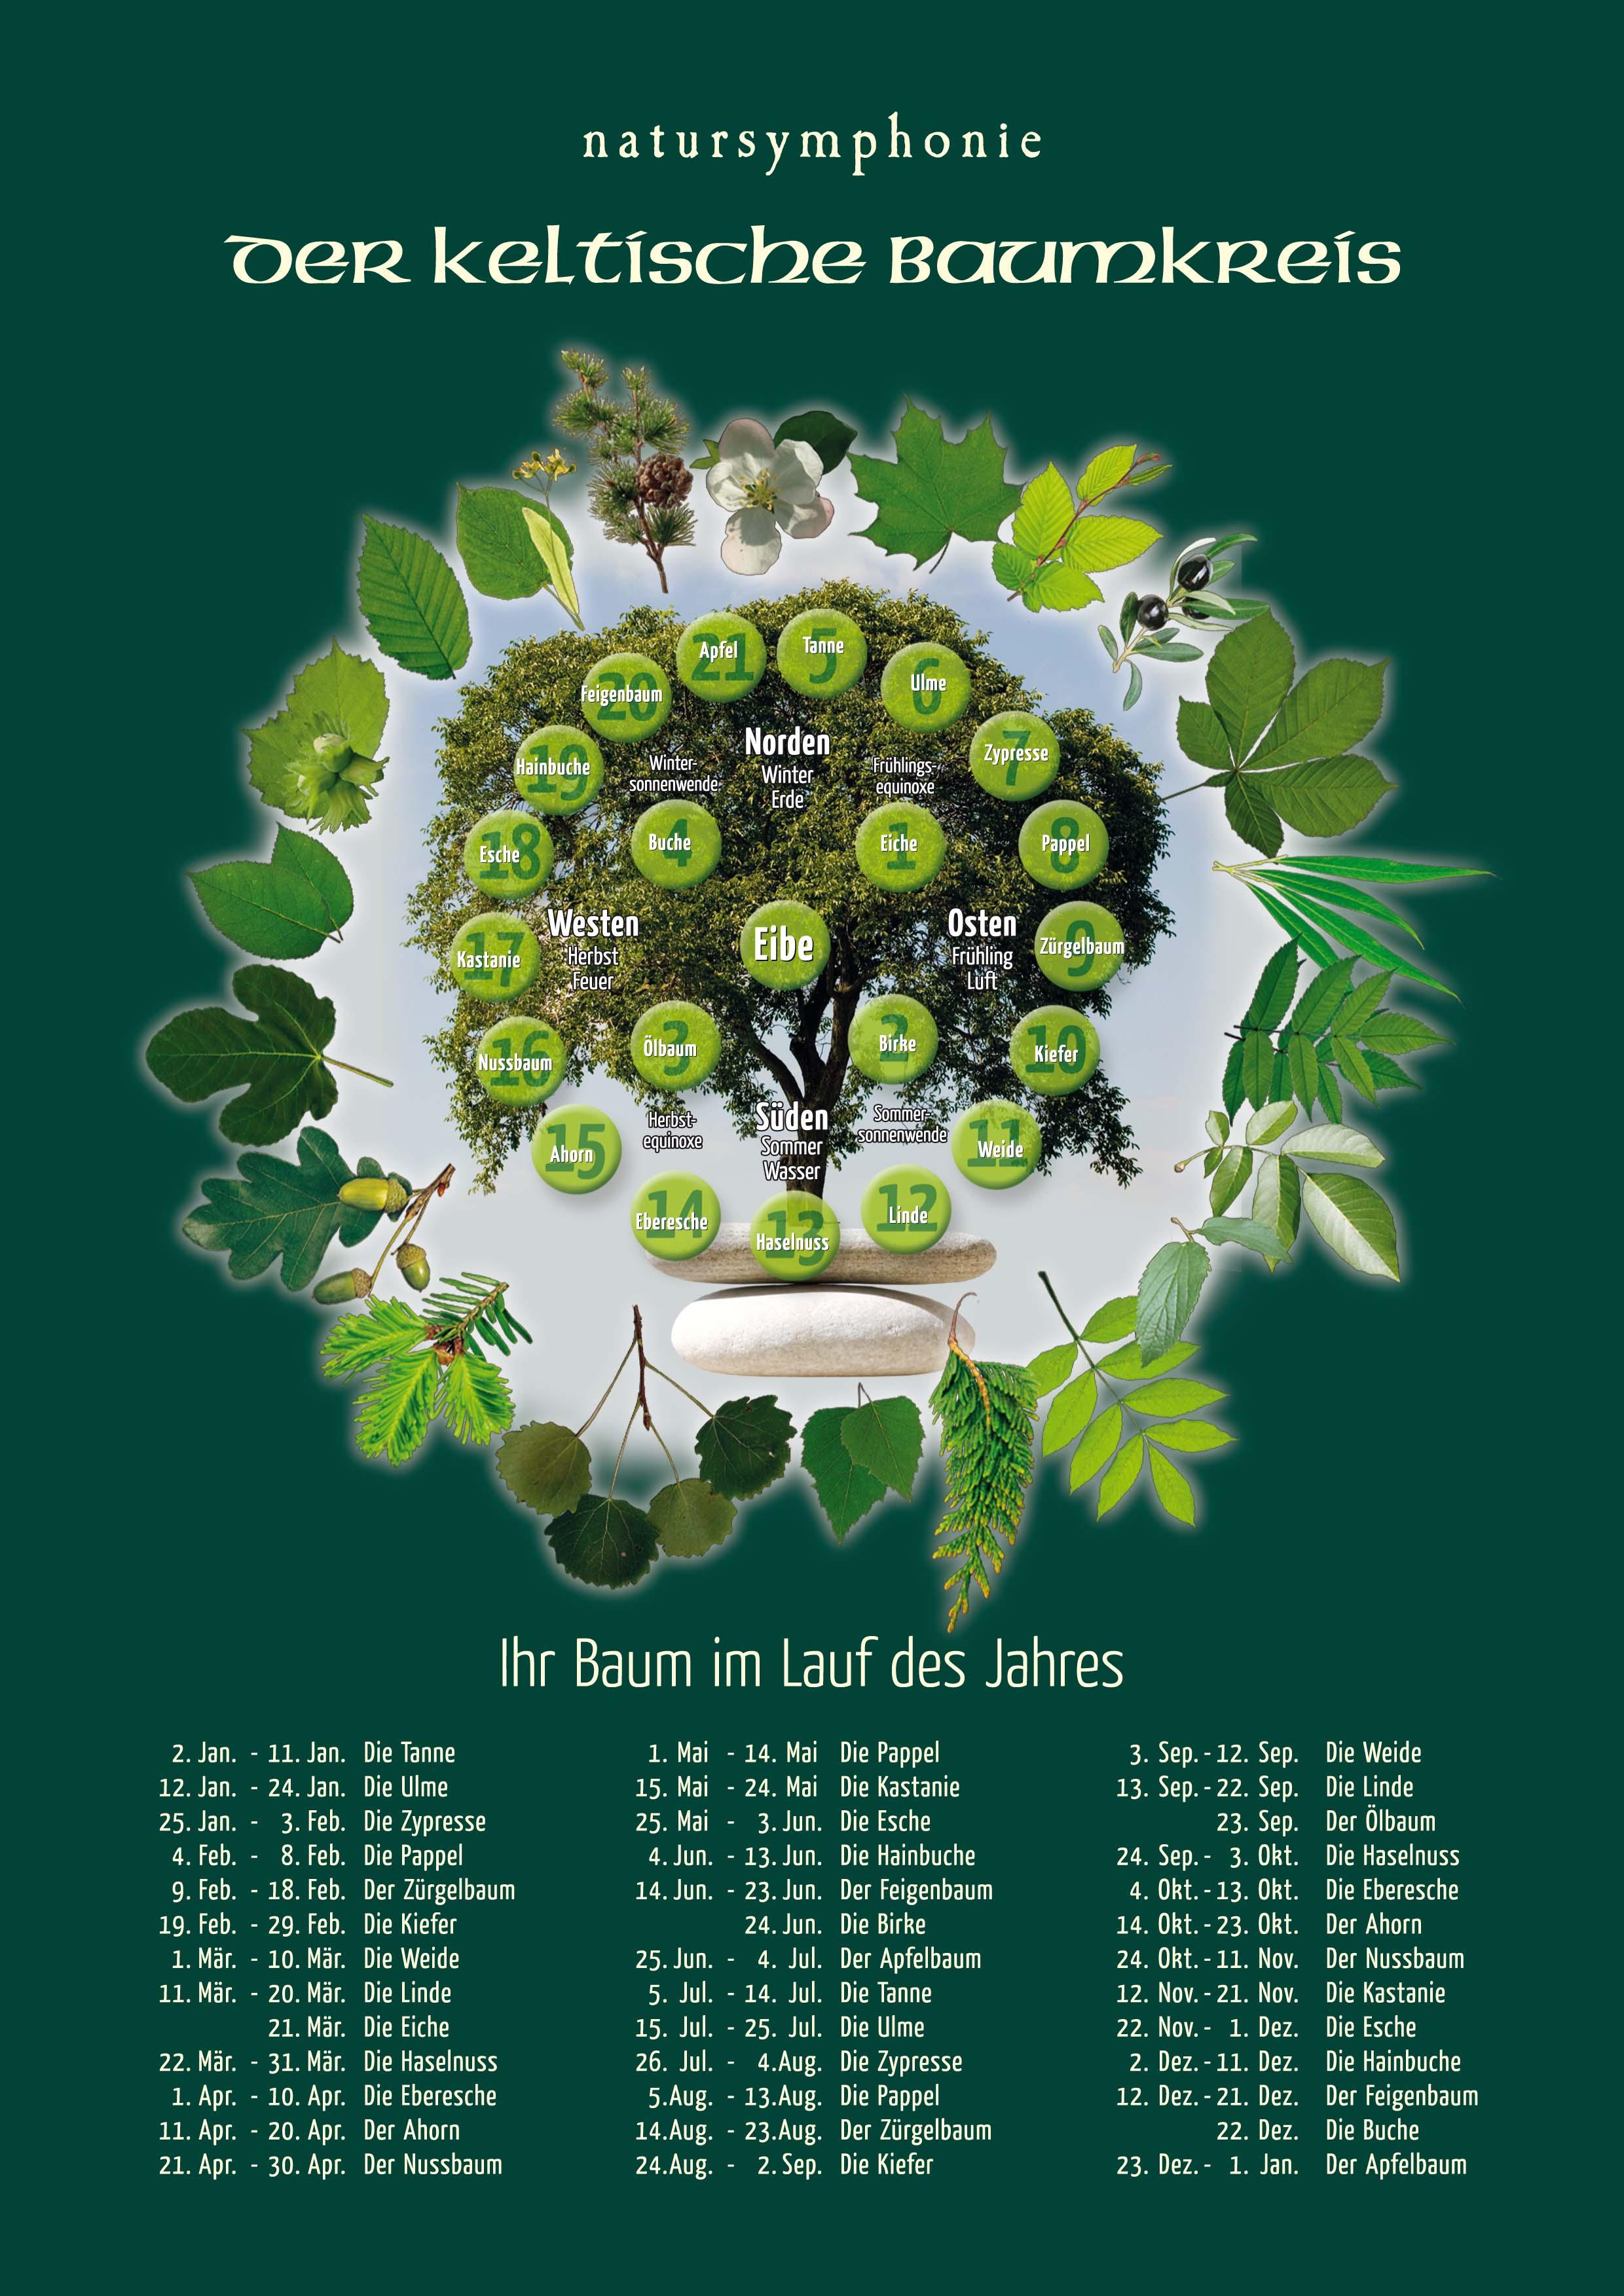 Natursymphonie - Der keltische Baumkreis. Foto: Michael Glass - natursymphonie